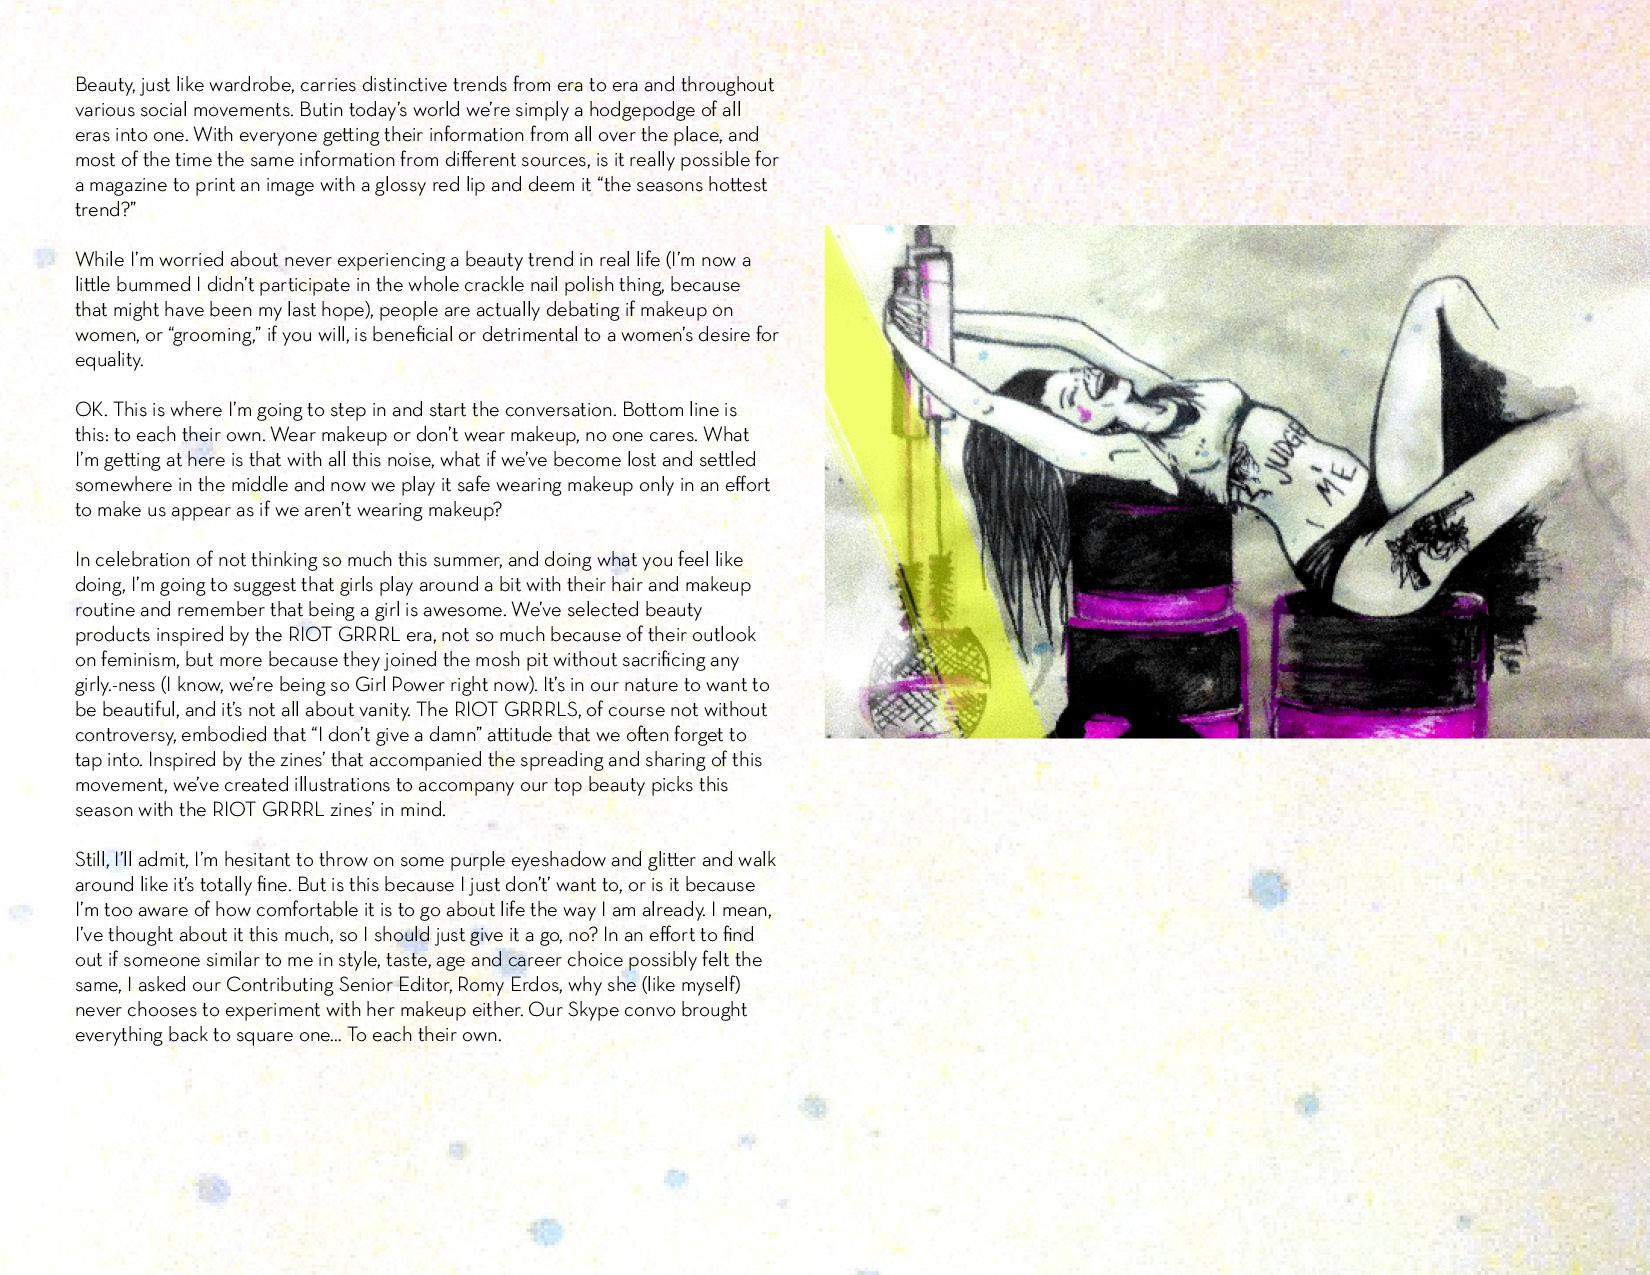 SHK-Summer-Issue-Summer-Needs-No-Explaination-201372.jpg